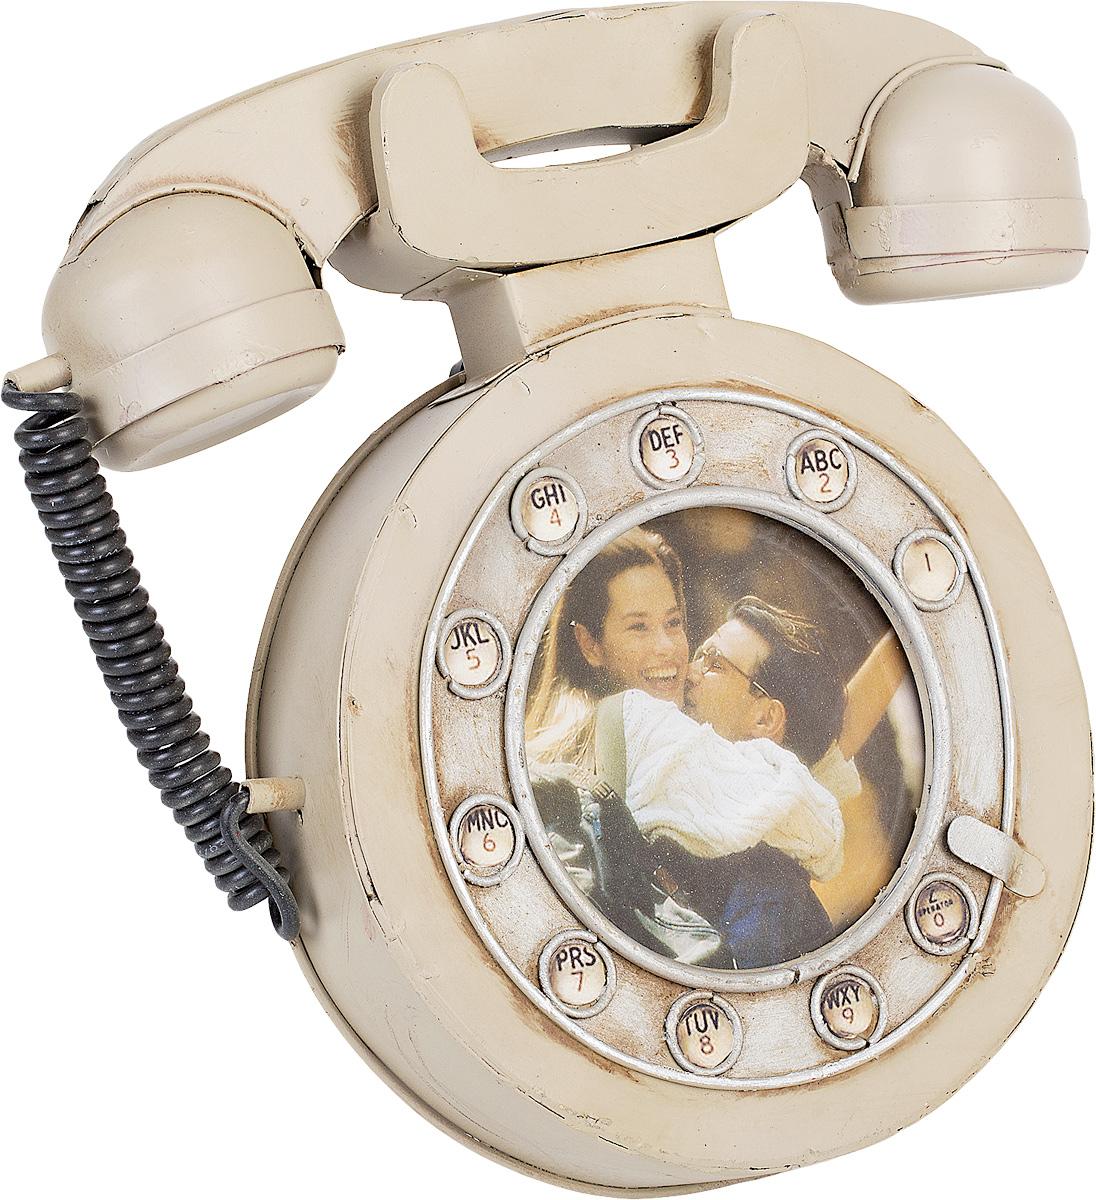 Фоторамка Platinum Телефон дисковый, 10 х 10 см46214 AP102328SAФоторамка Platinum Телефон дисковый выполнена в классическом стиле из высококачественных материалов. Такая фоторамка поможет вам оригинально и стильно дополнить интерьер помещения, а также позволит сохранить память о дорогих вам людях и интересных событиях вашей жизни.